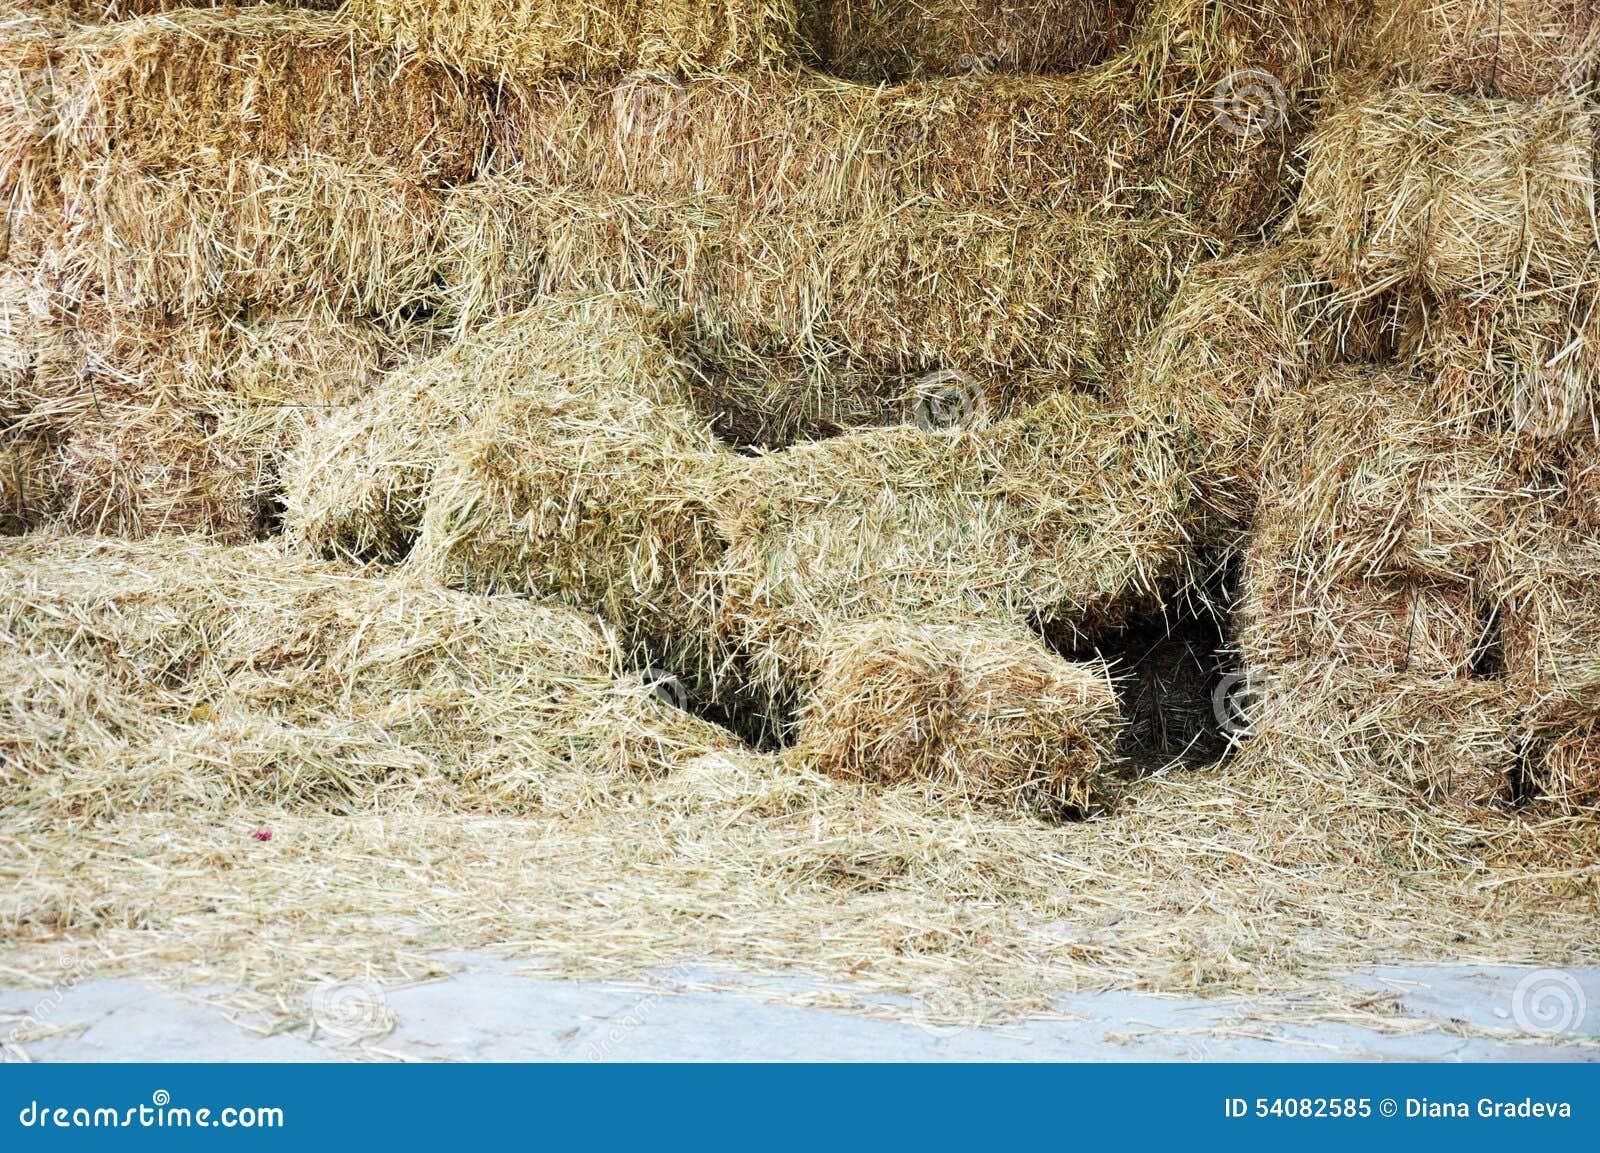 Hay Bales - Voedsel voor Herbivores